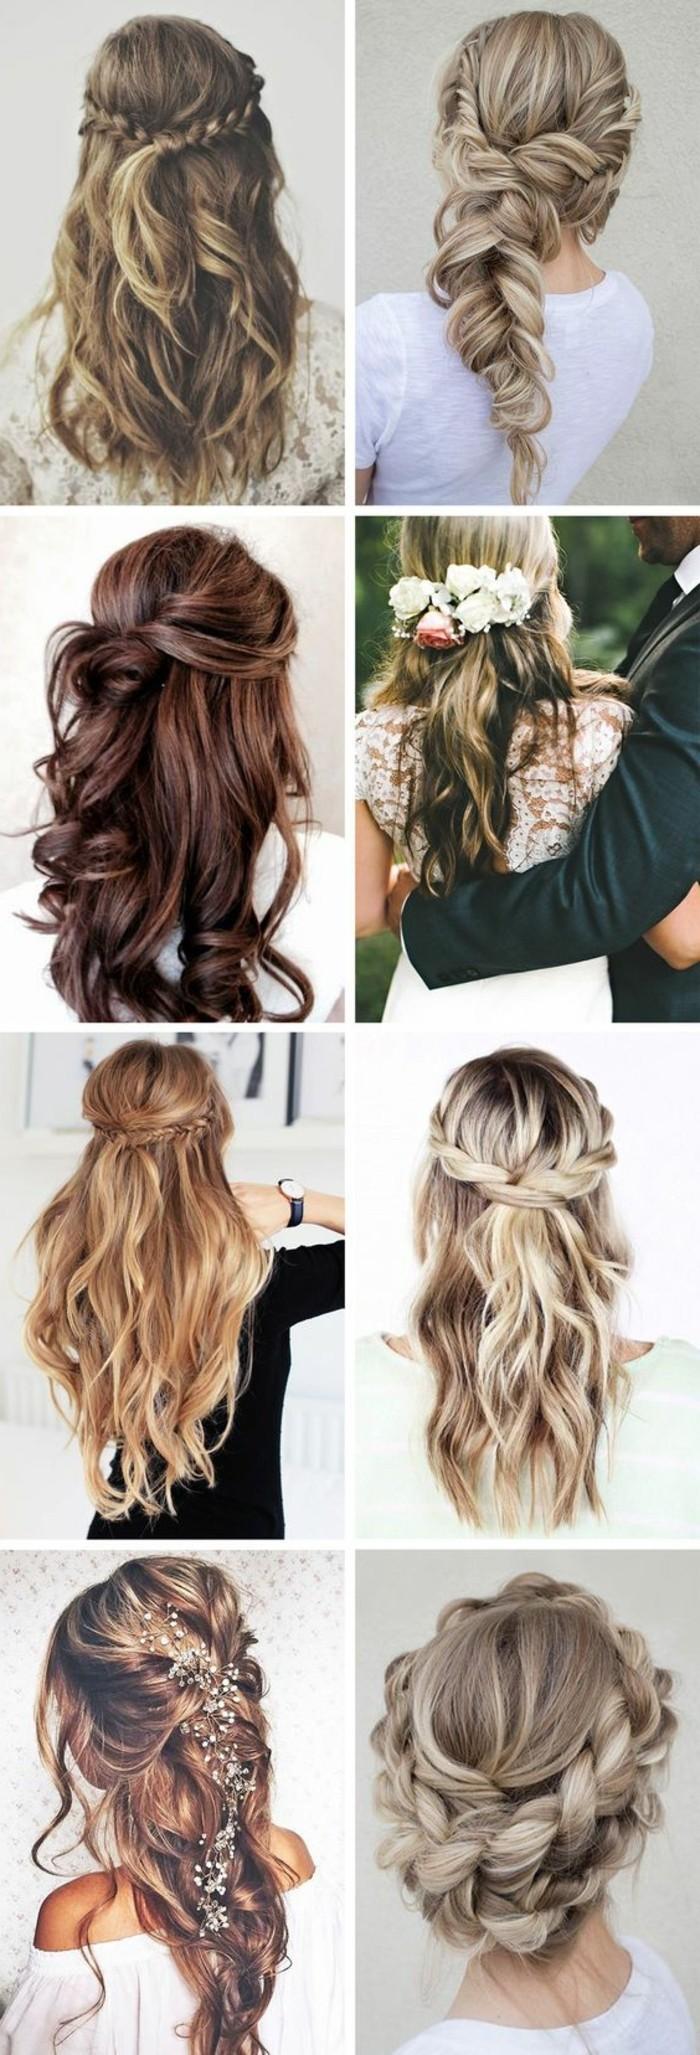 modeles de coiffure avec tresse, exemples de chignon tressé, tresse xxl ou demi queue de cheval avec tresse